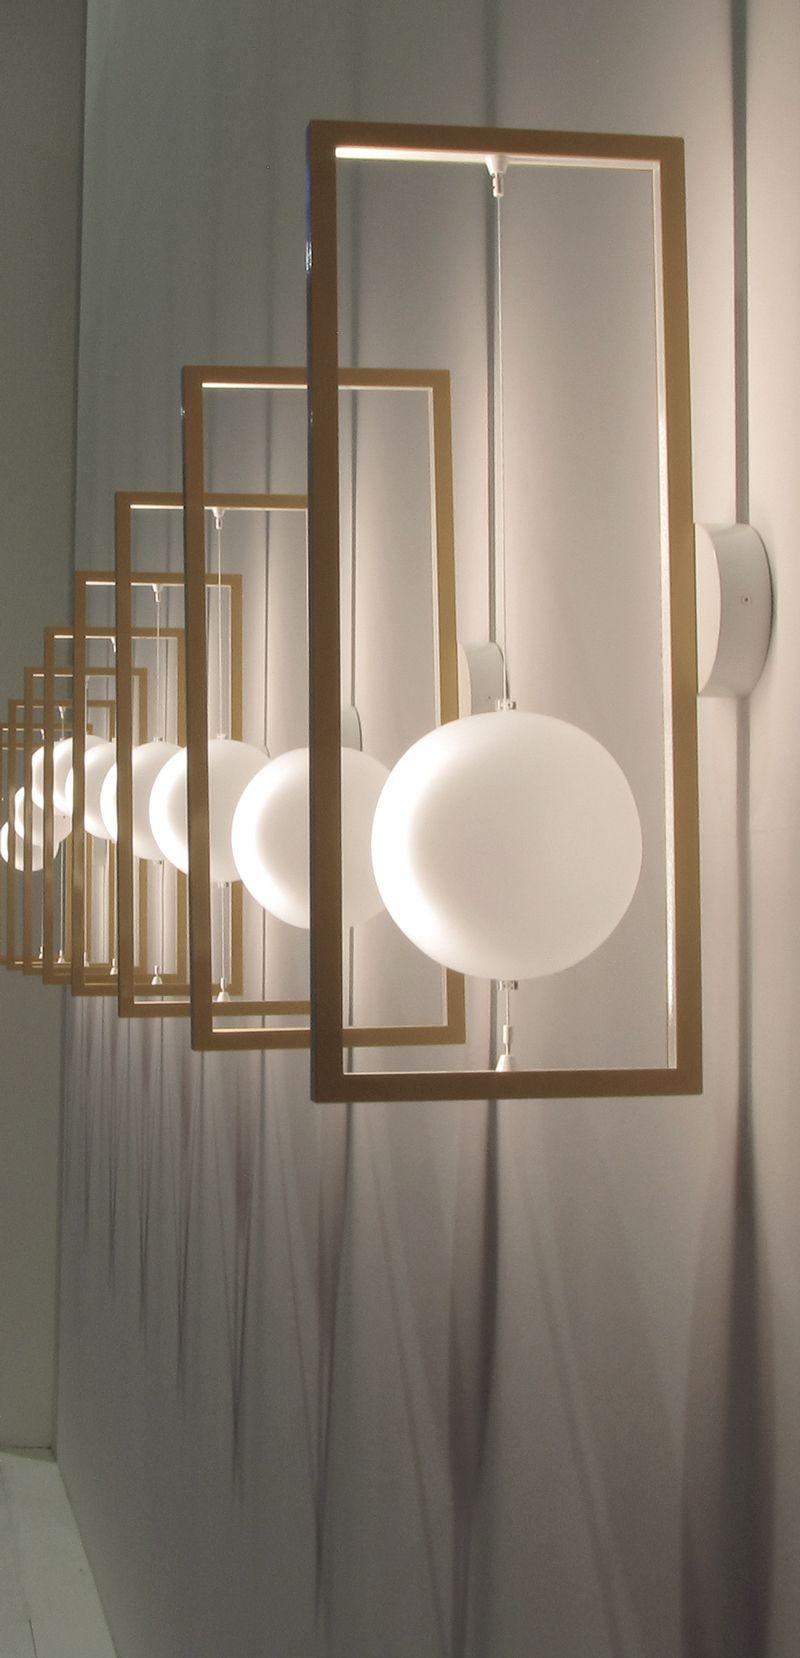 eclairage deutsch Éclairageu0026nbsp;de Maison, Éclairage Design, Appliques, Plafonniers,  Lanternes En Papier,